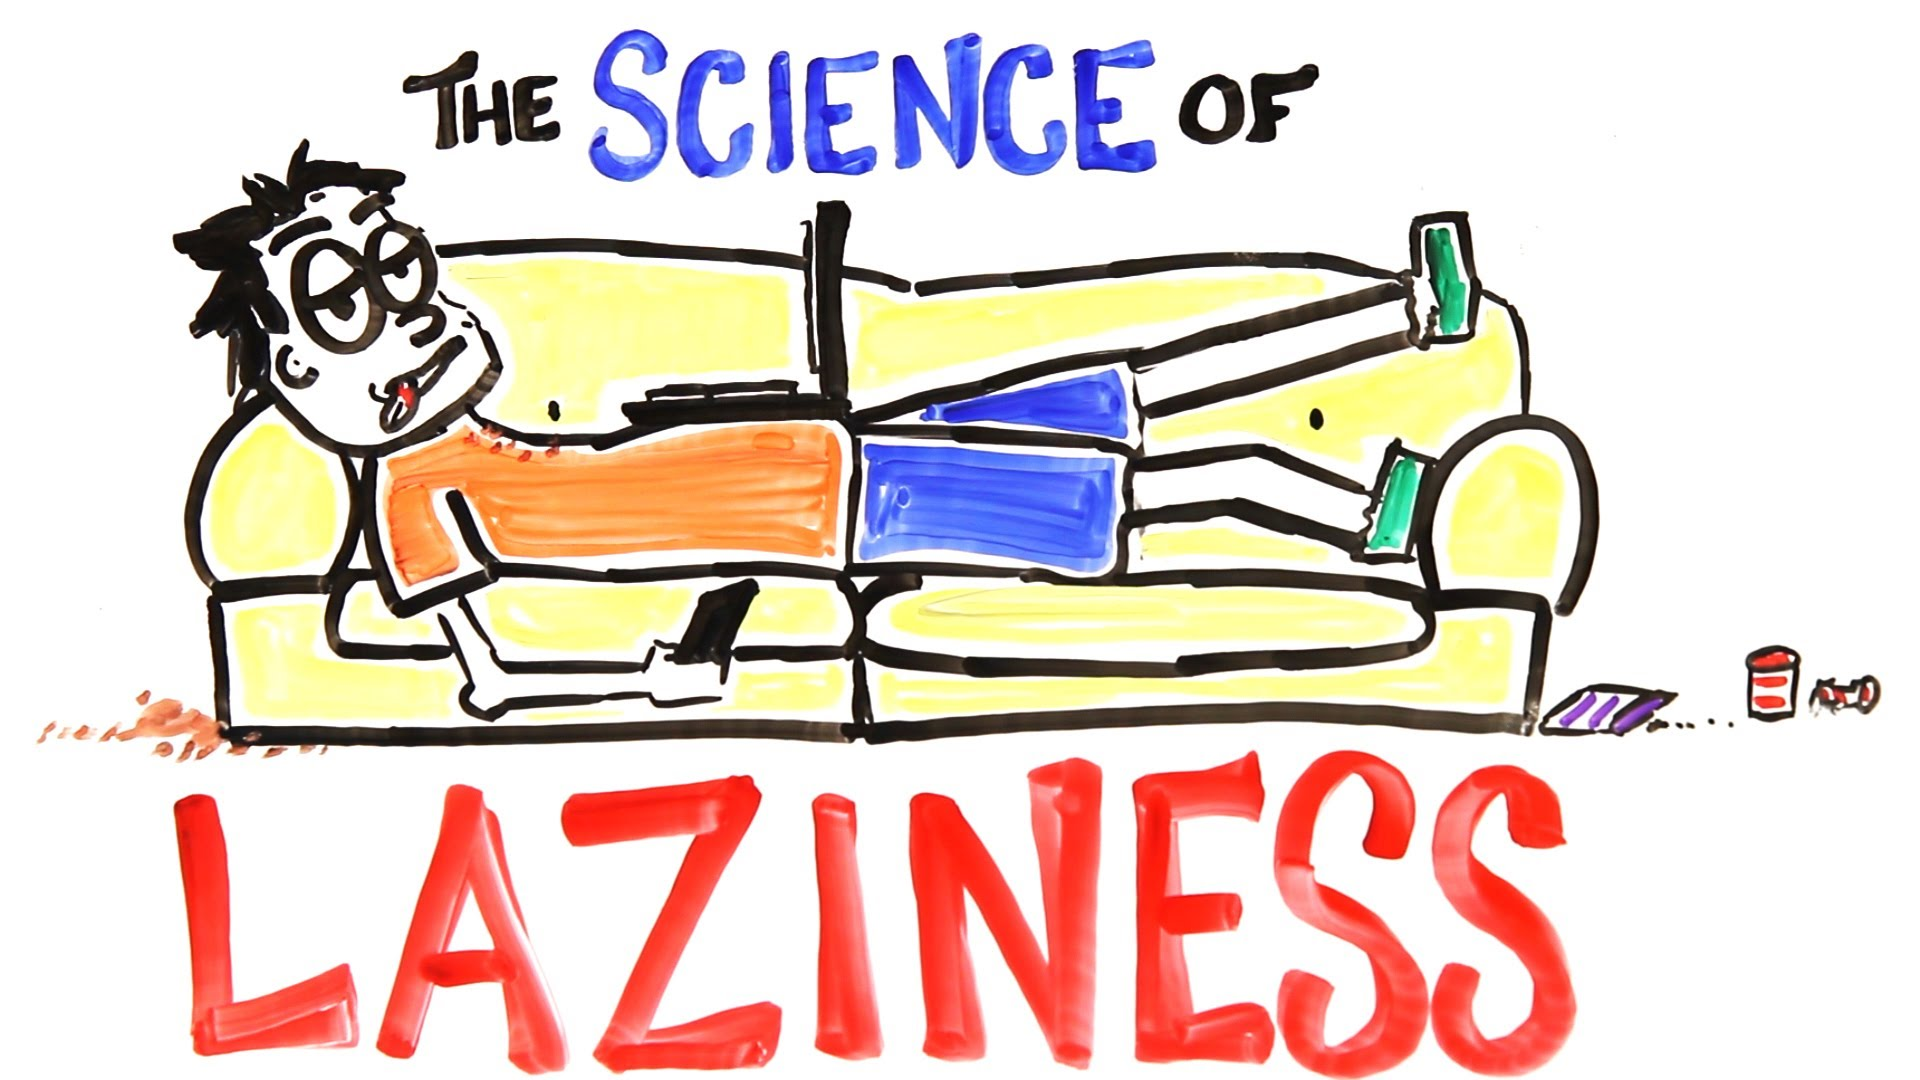 懶惰的科學